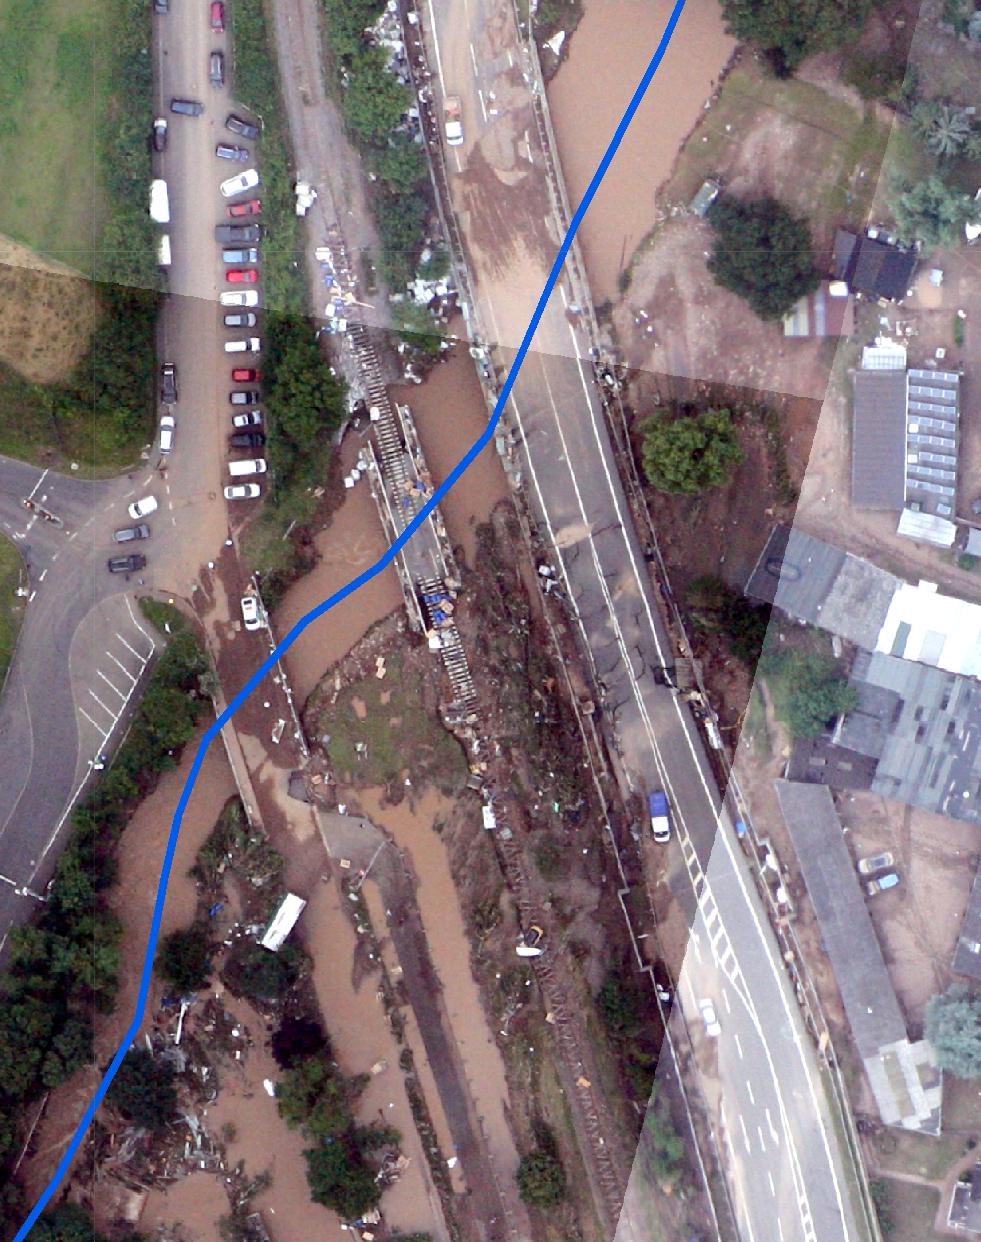 Wie in vielen betroffenen Orten haben die Wassermassen in Iversheim, einen Stadtteil von Bad Münstereifel, Gleise und Brücken beschädigt. Die blaue Linie zeichnet den Flusslauf der Erft nach.